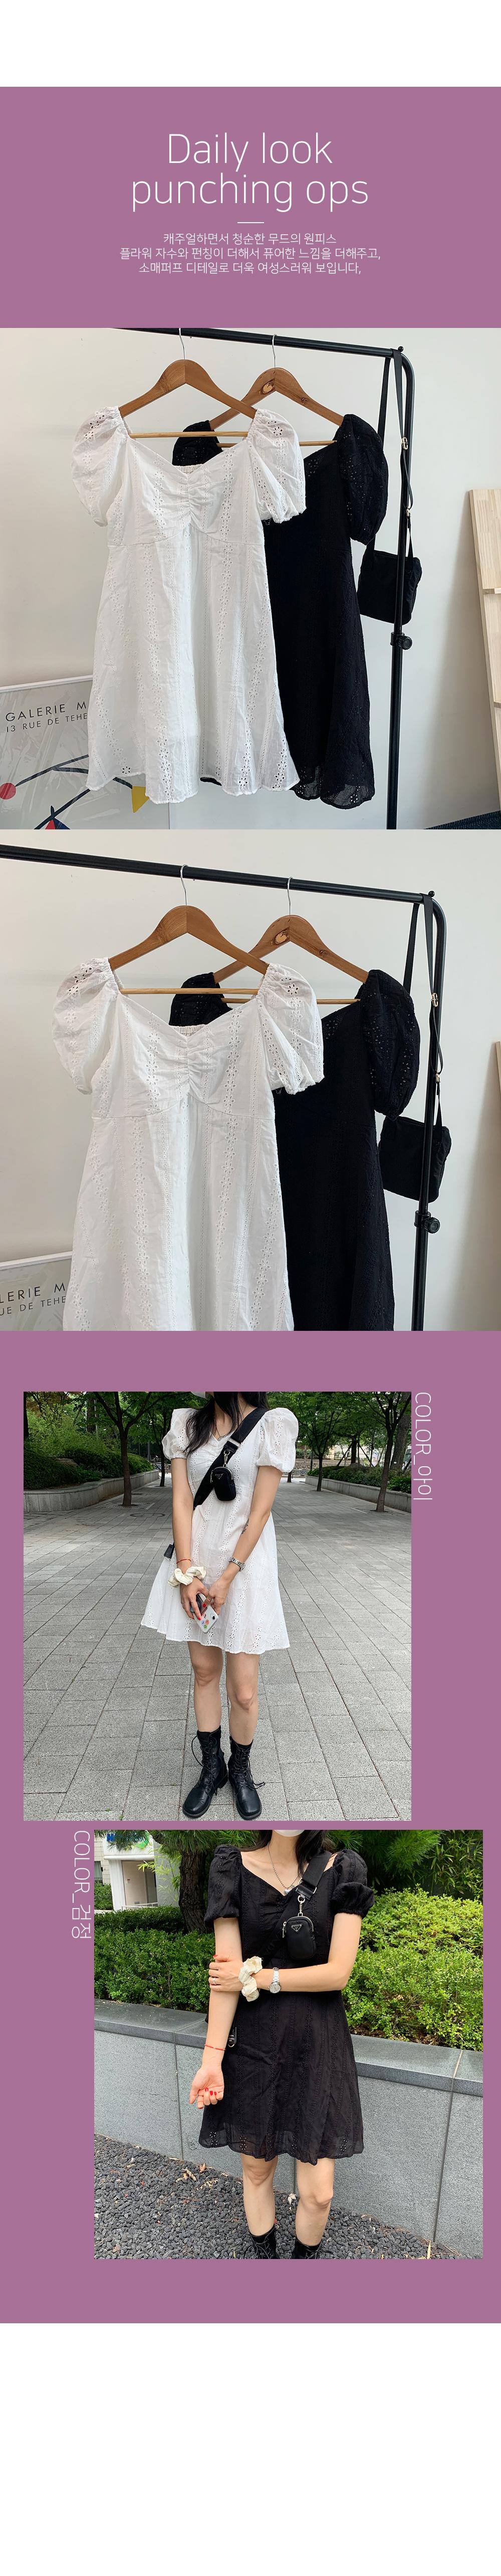 Punching off mini dress